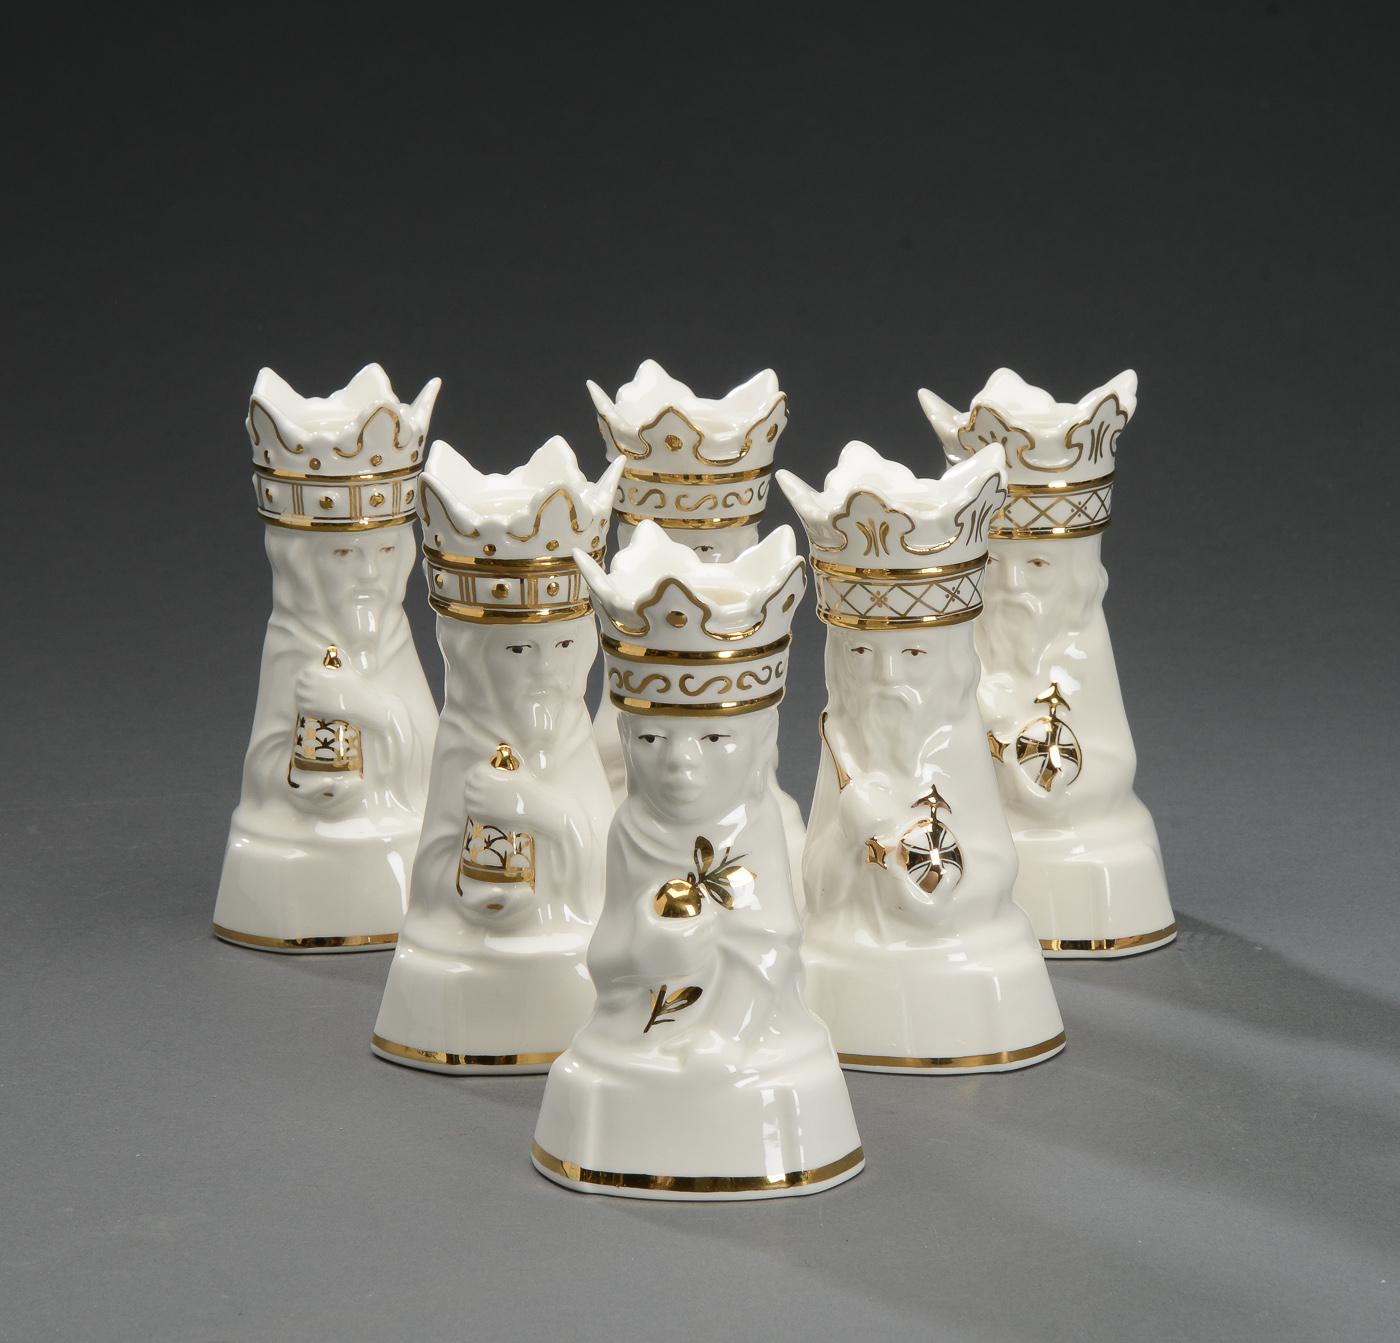 de tre vise mænd royal copenhagen